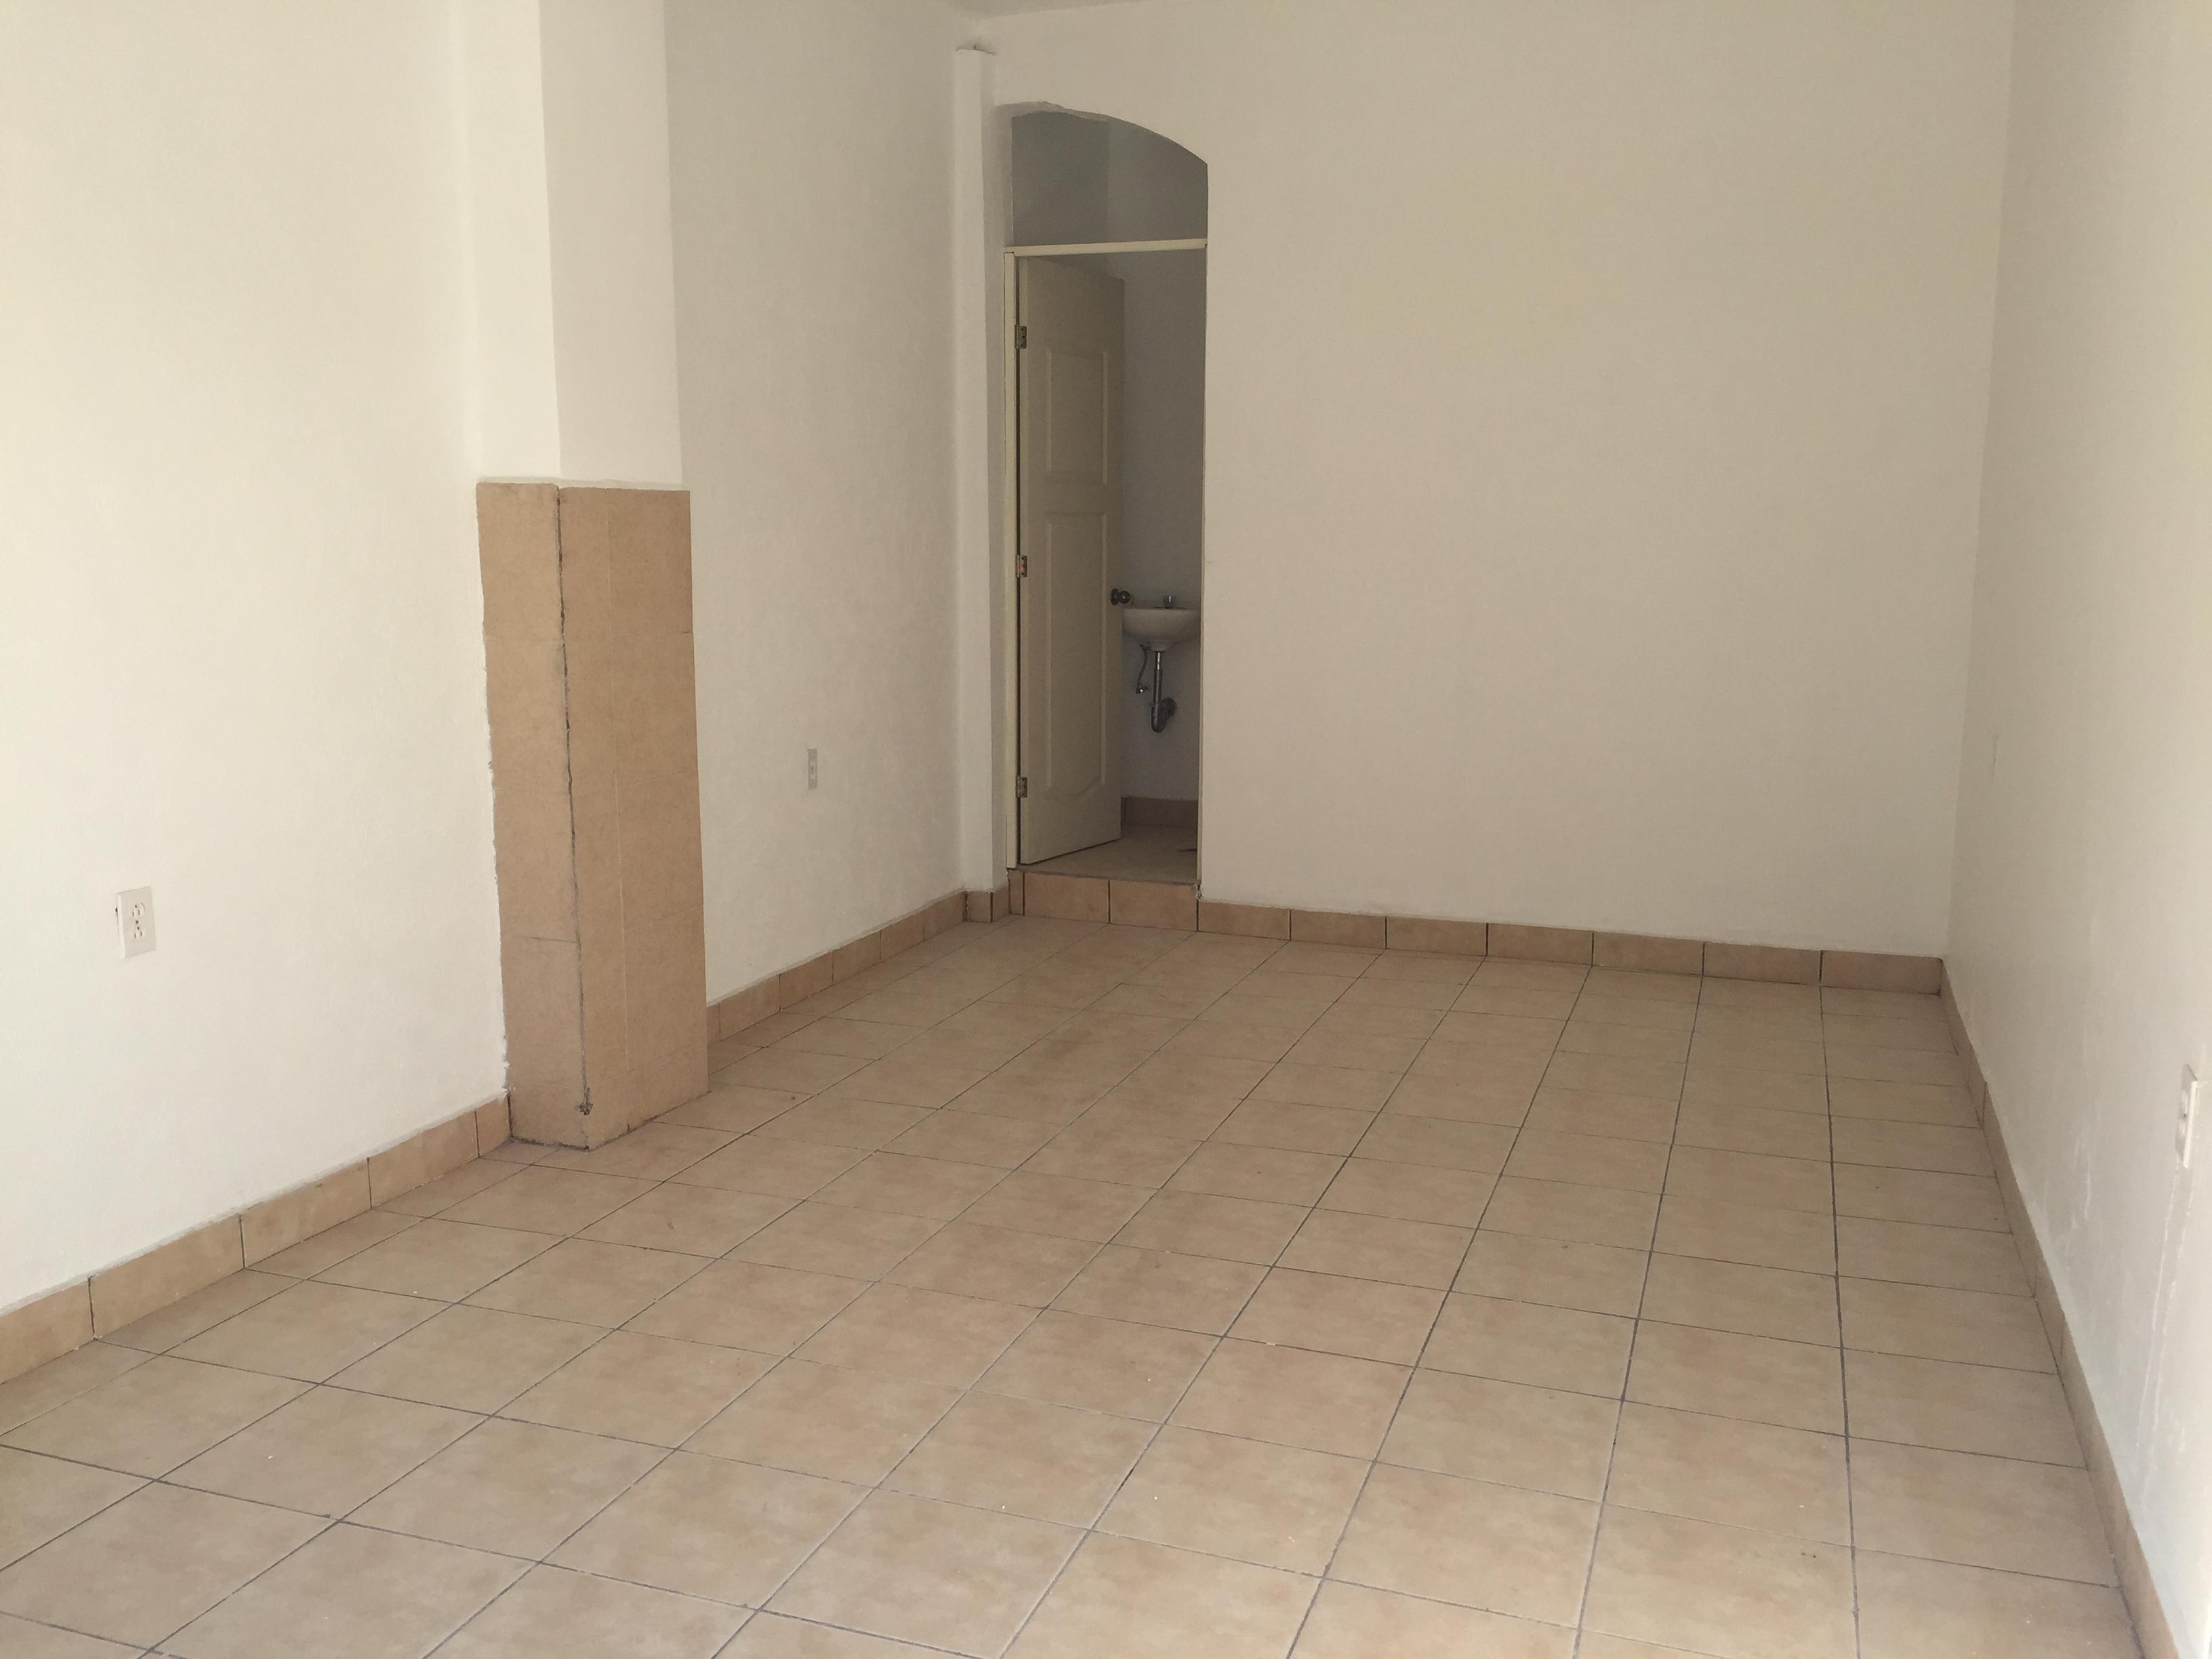 Circuito Y Eduardo Molina : Casas y departamentos en venta en eduardo molina df distrito